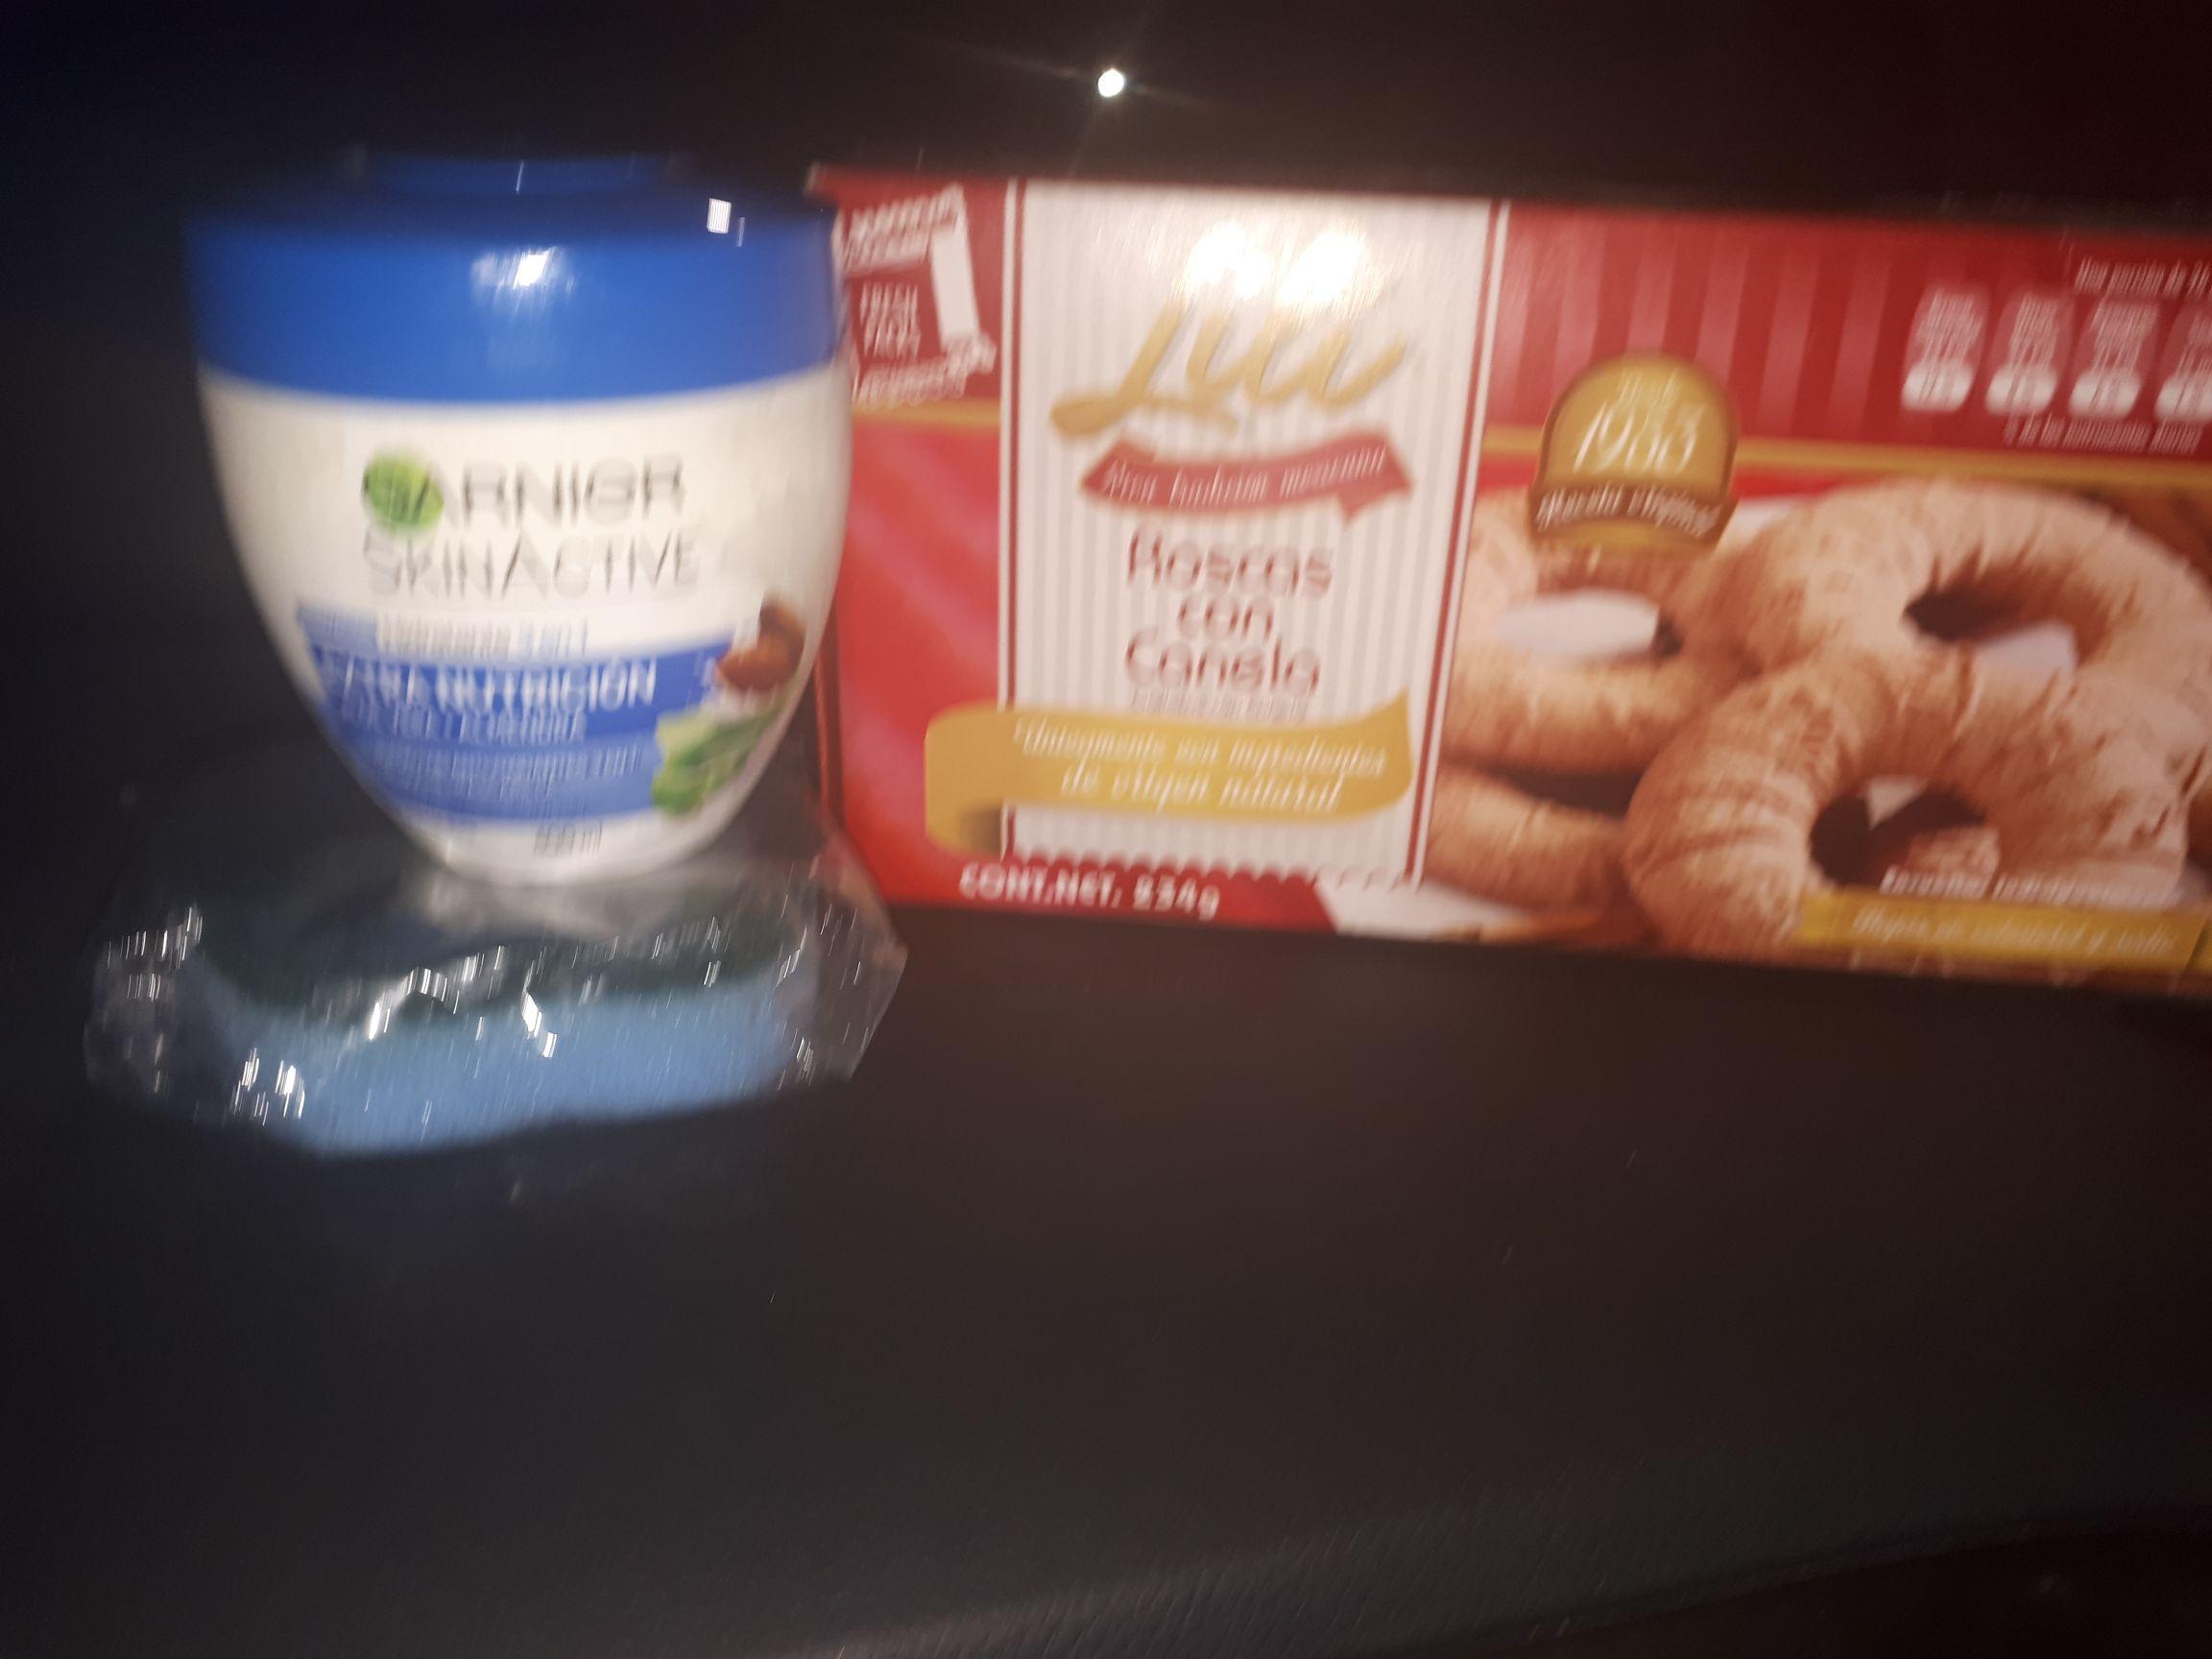 Bodega Aurrerá: Ofertas sacate 1.01,galletas 7.01 cremas Granier 10.01 estaban escondidas y trapo para limpiar 3.01 muy buenas